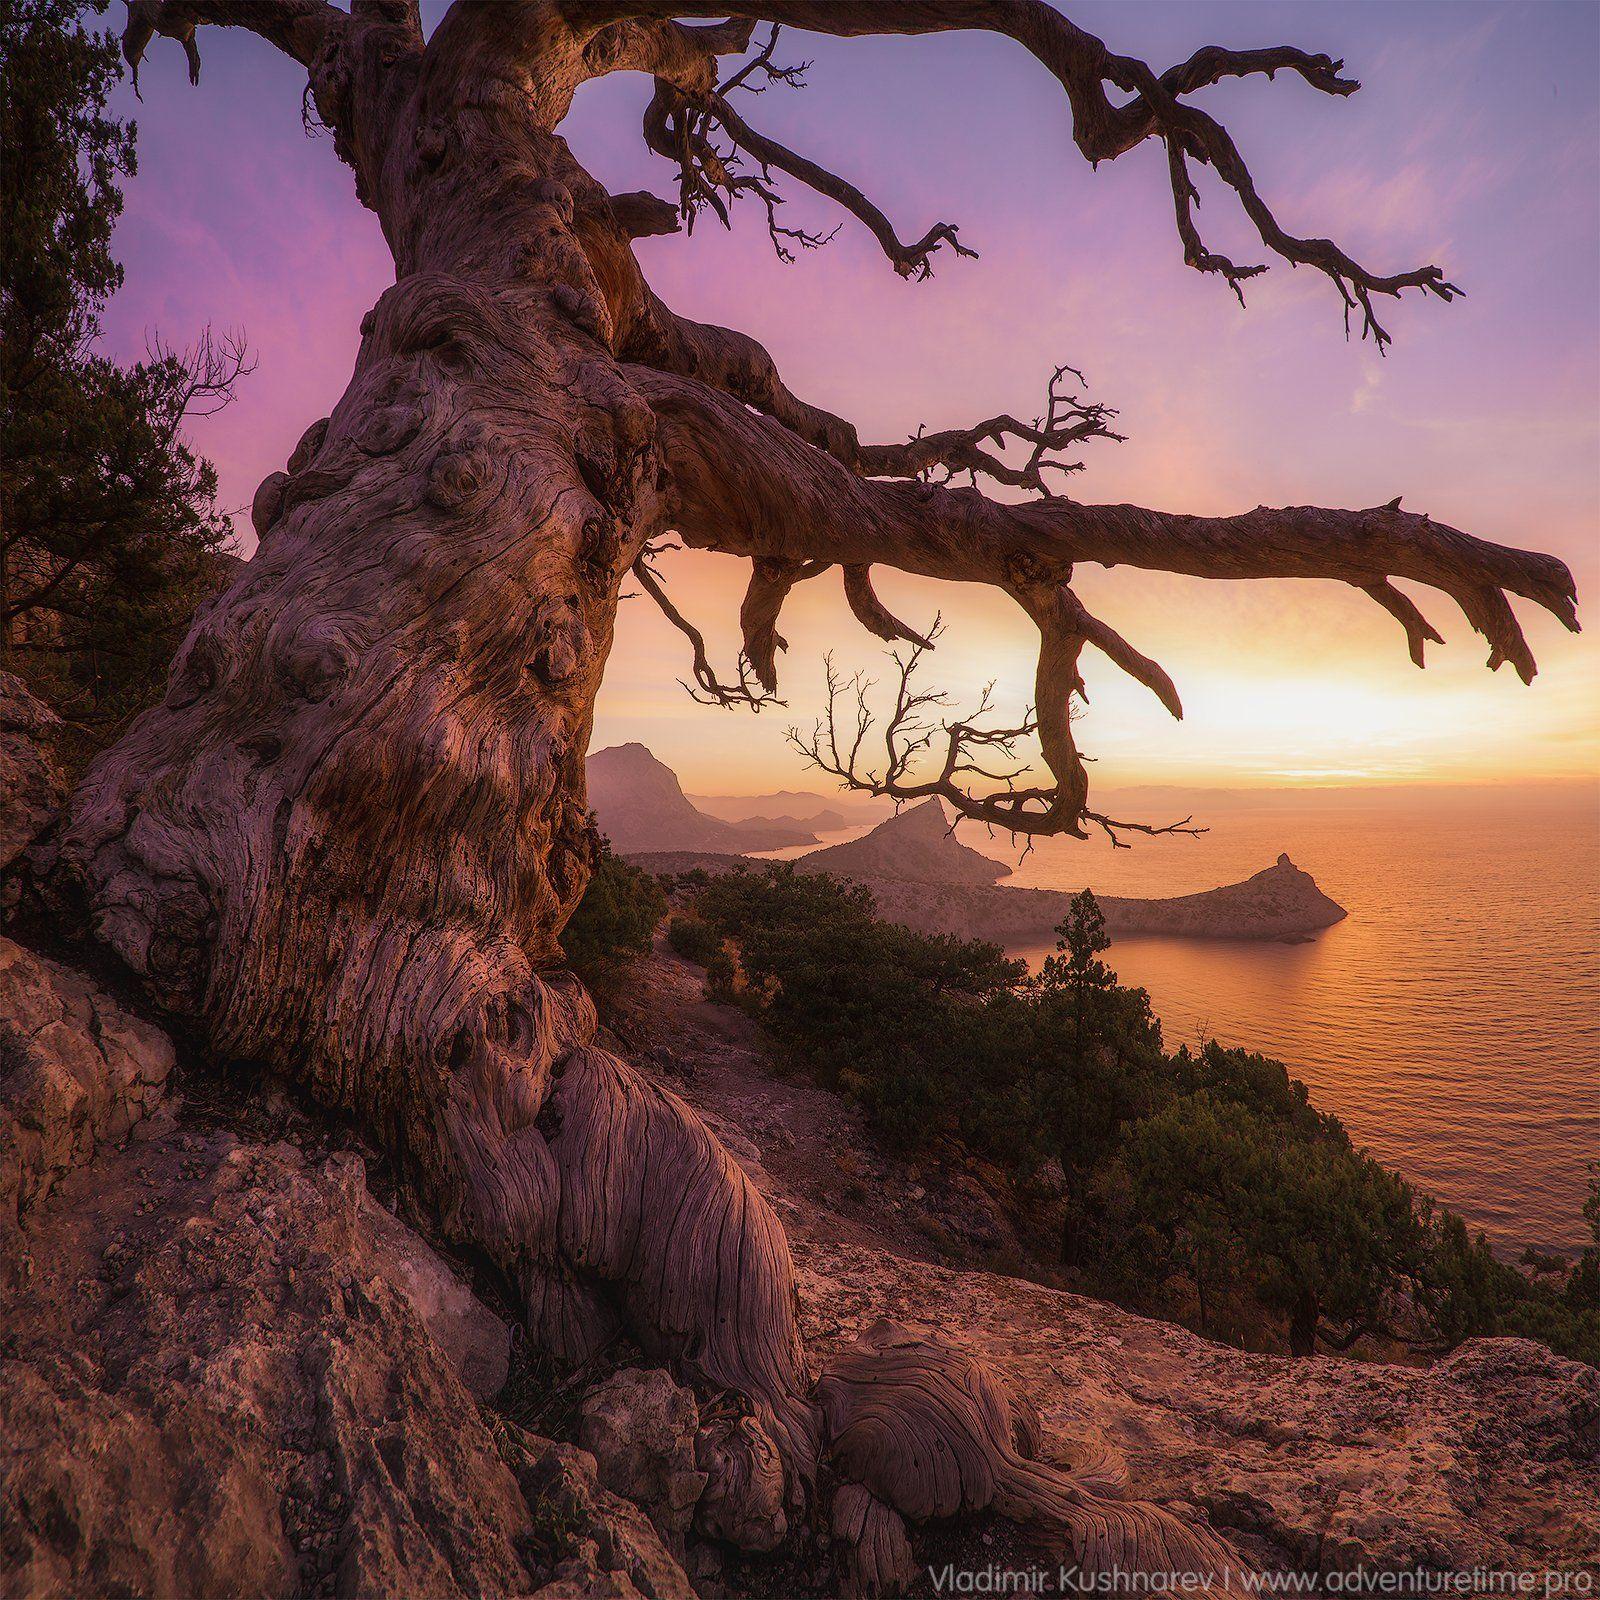 дерево, пейзаж, крым, новый cвет, рассвет, море, мыс капчик, Vladimir Kushnarev